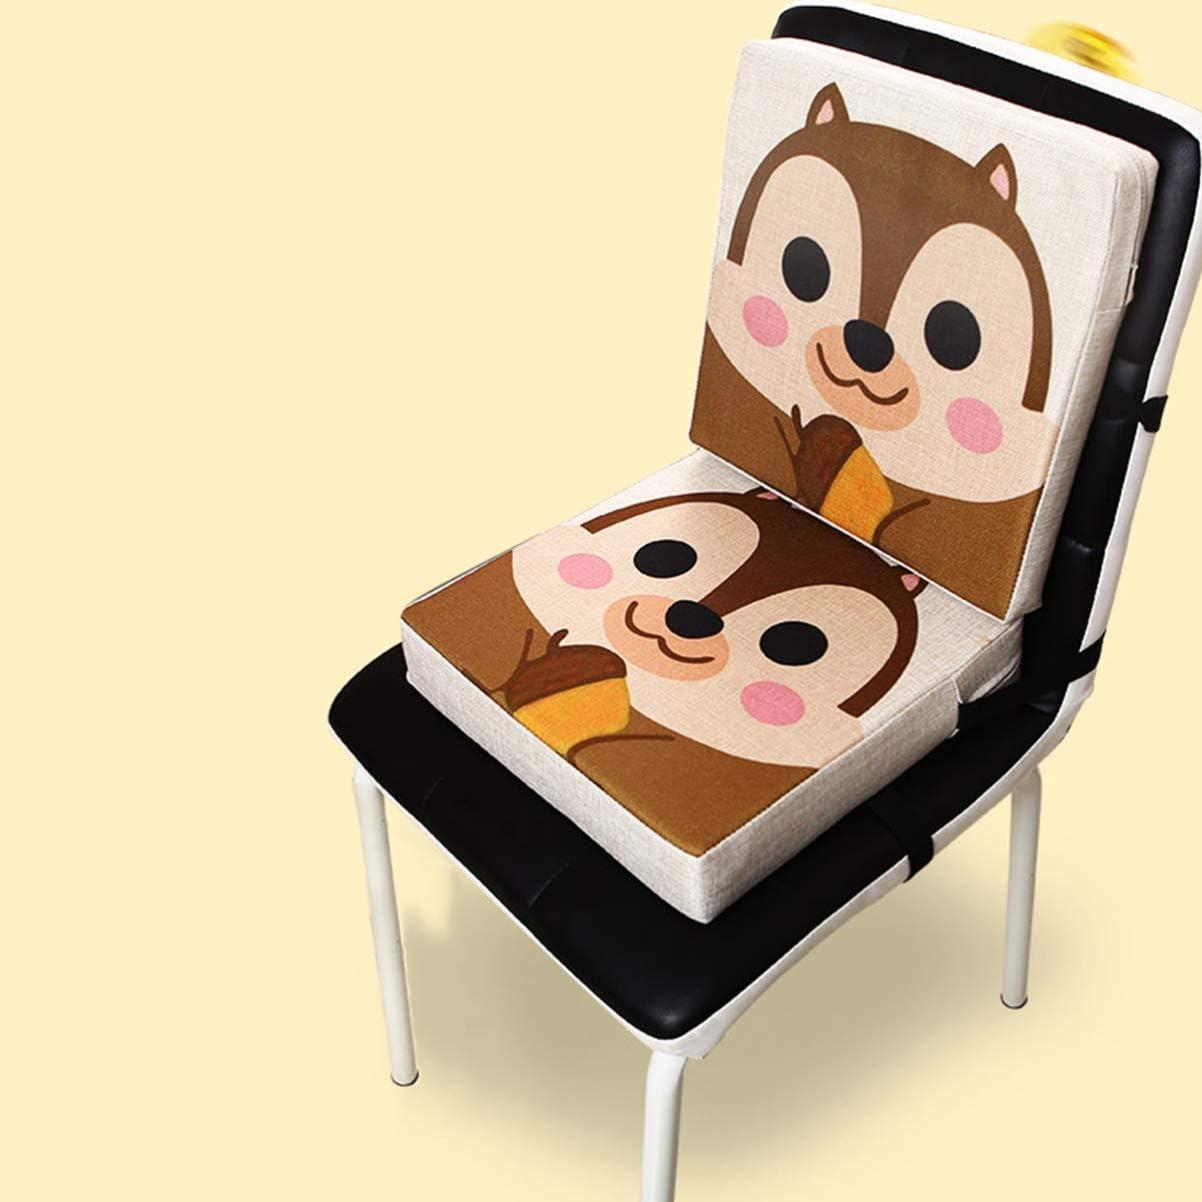 STOBOK Chaise Coussin Croissant B/éb/é Enfant en Bas /Âge B/éb/é Chaise Haute Coussin Dappoint Coussin Lavable Chaise /Épaisse Sangle en Tissu Ensemble de Motifs D/écureuil Mince Et /Épais